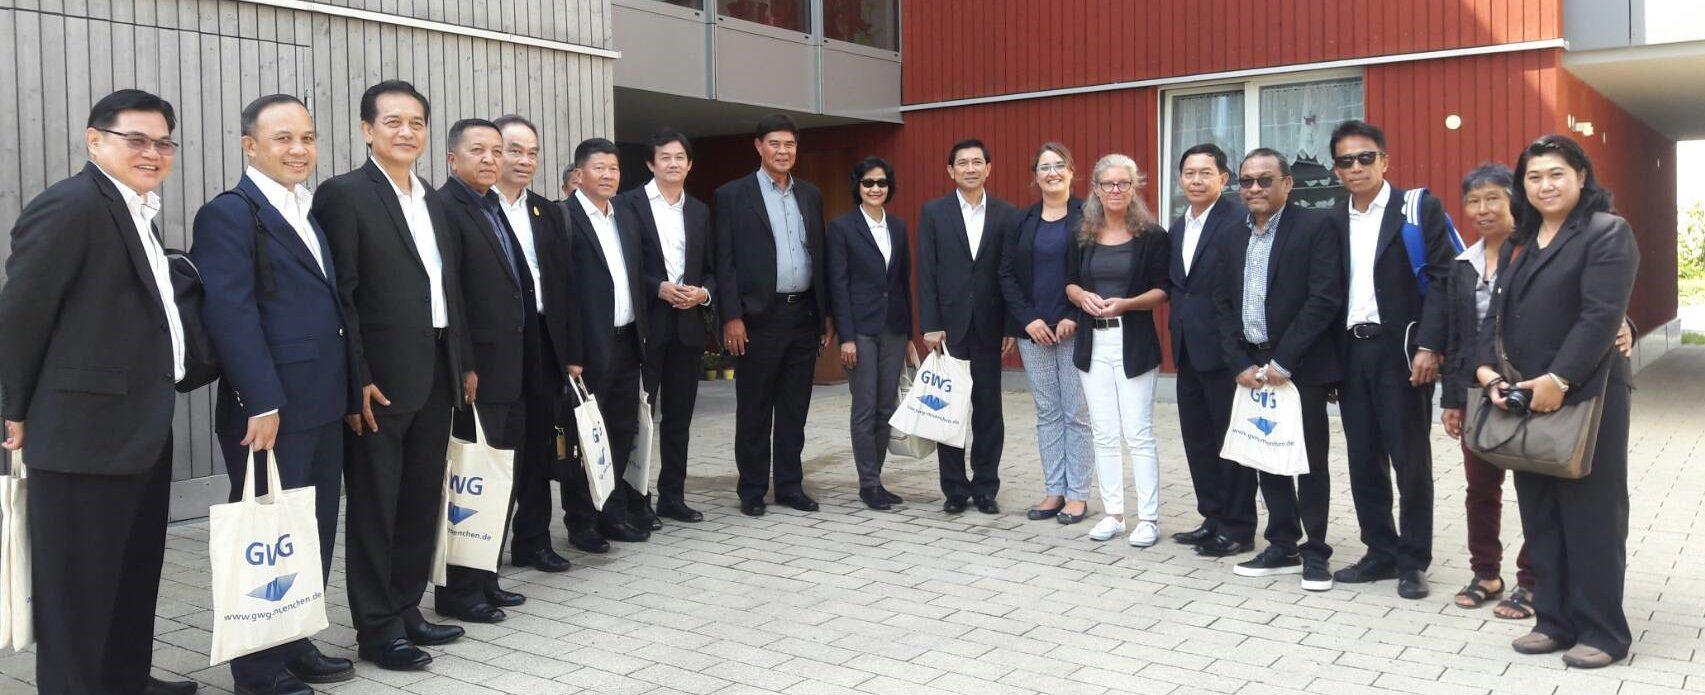 Eine überzeugende Ökobilanz - Modellprojekt in Holzbauweise – auch Delegation aus Thailand besucht die GWG München